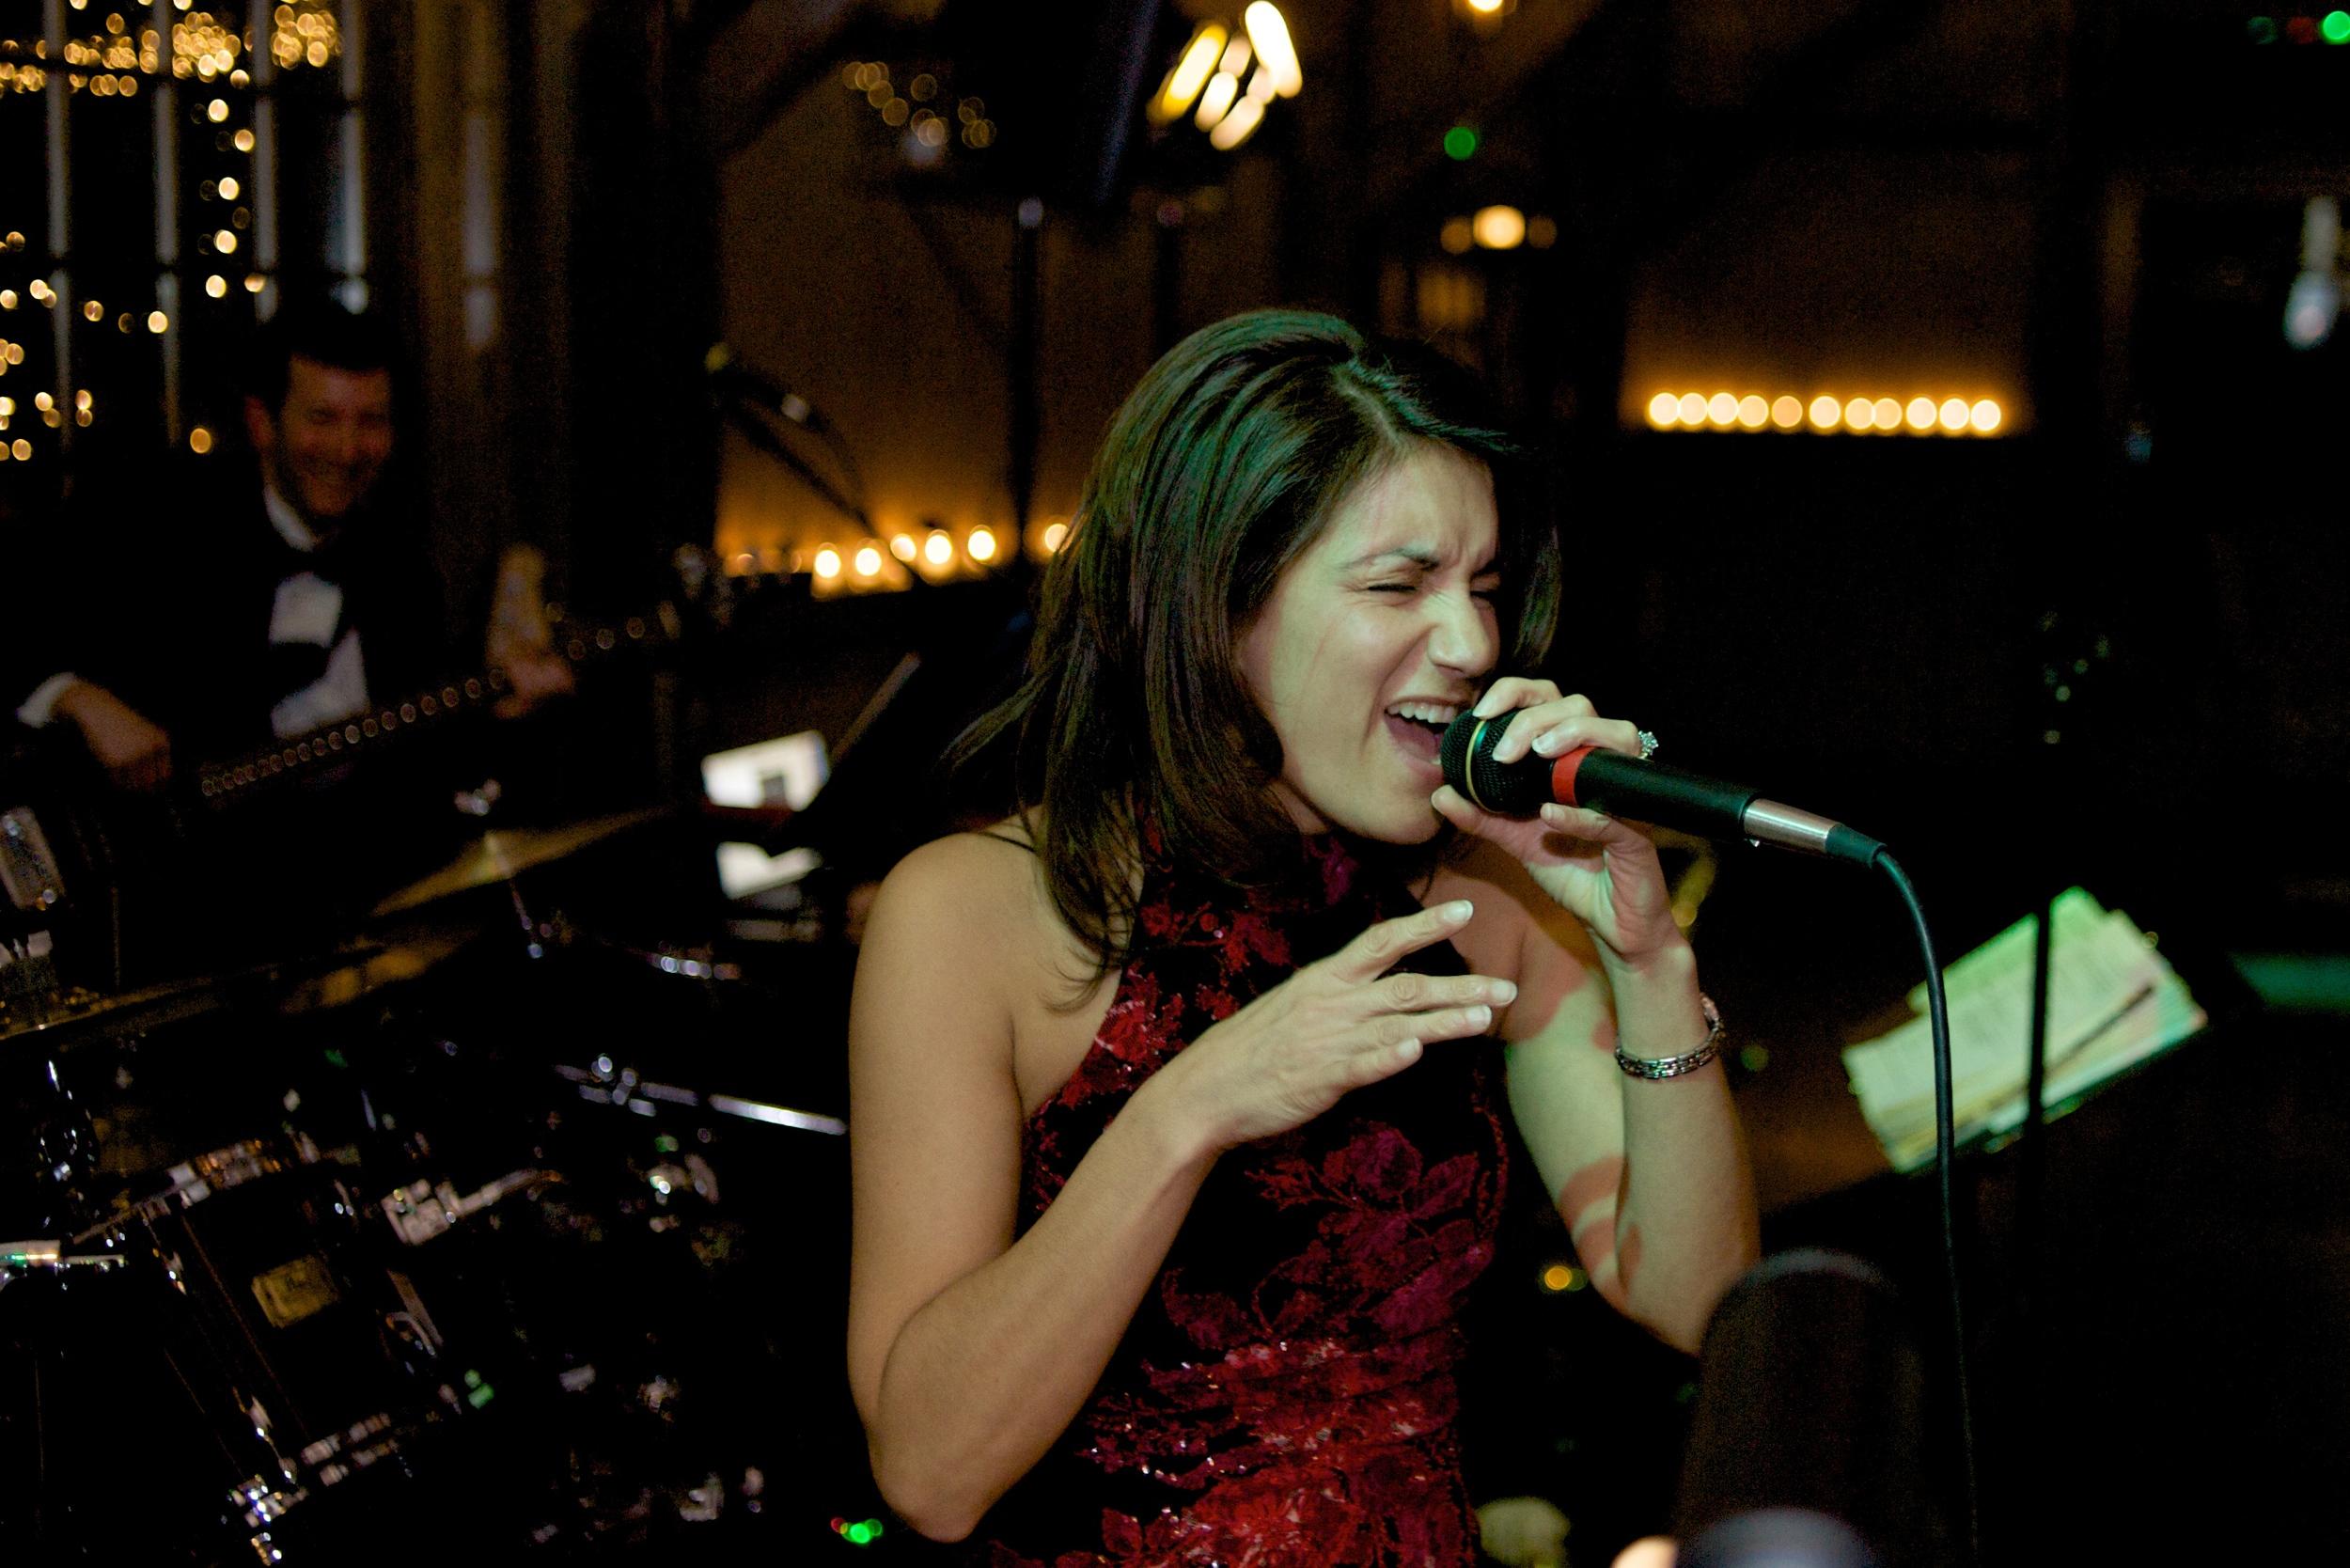 Marie singing